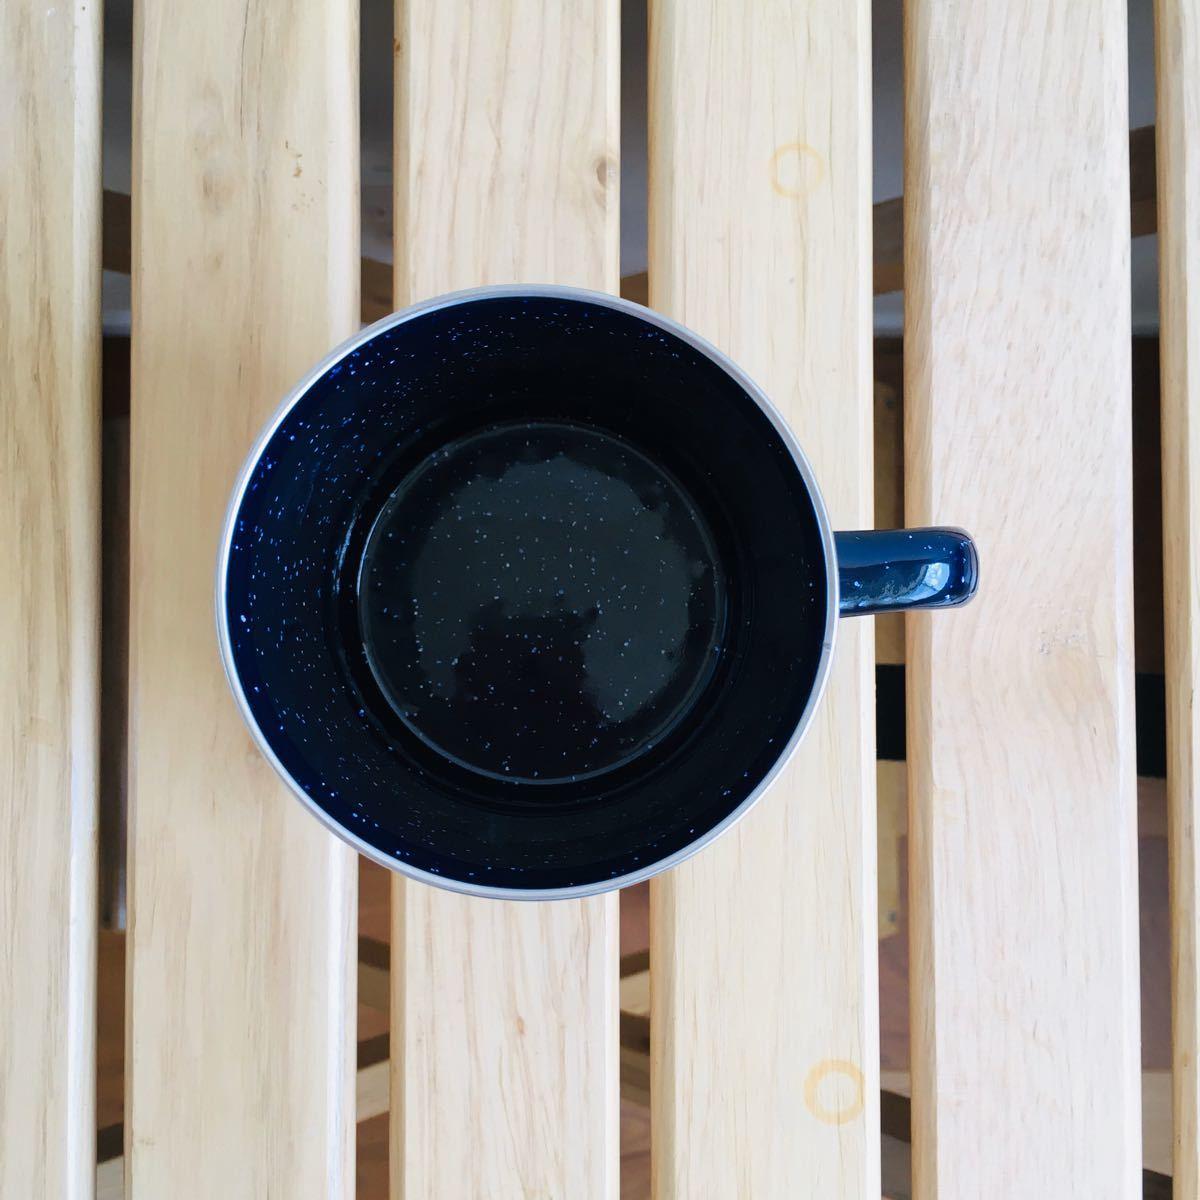 【値下げ不可】ホーロー マグカップ 4個セット ペアカップ